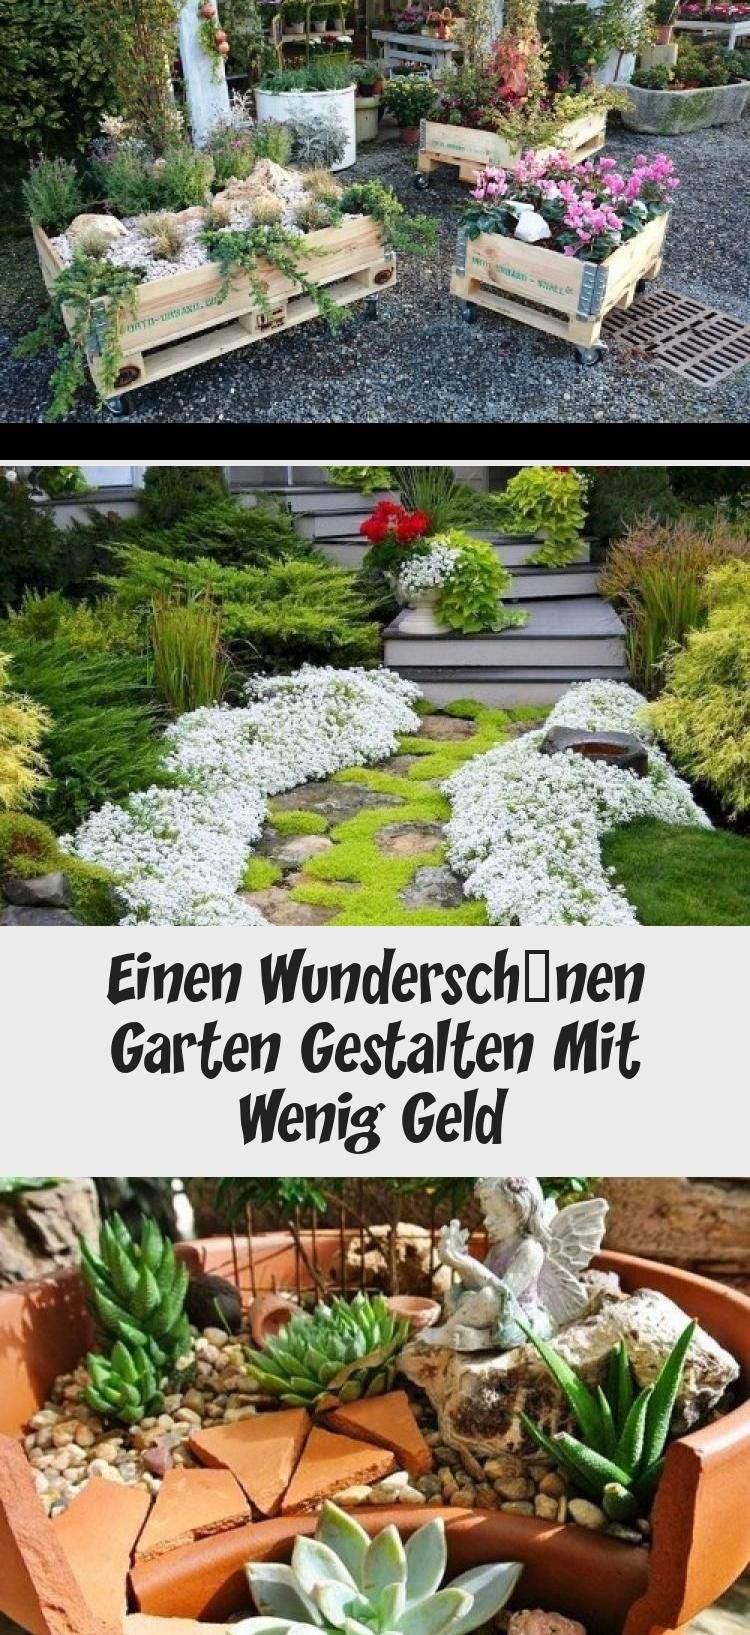 Garten Gestalten Mit Wenig Geld Reizend Einen Wunderschönen Garten Gestalten Mit Wenig Geld